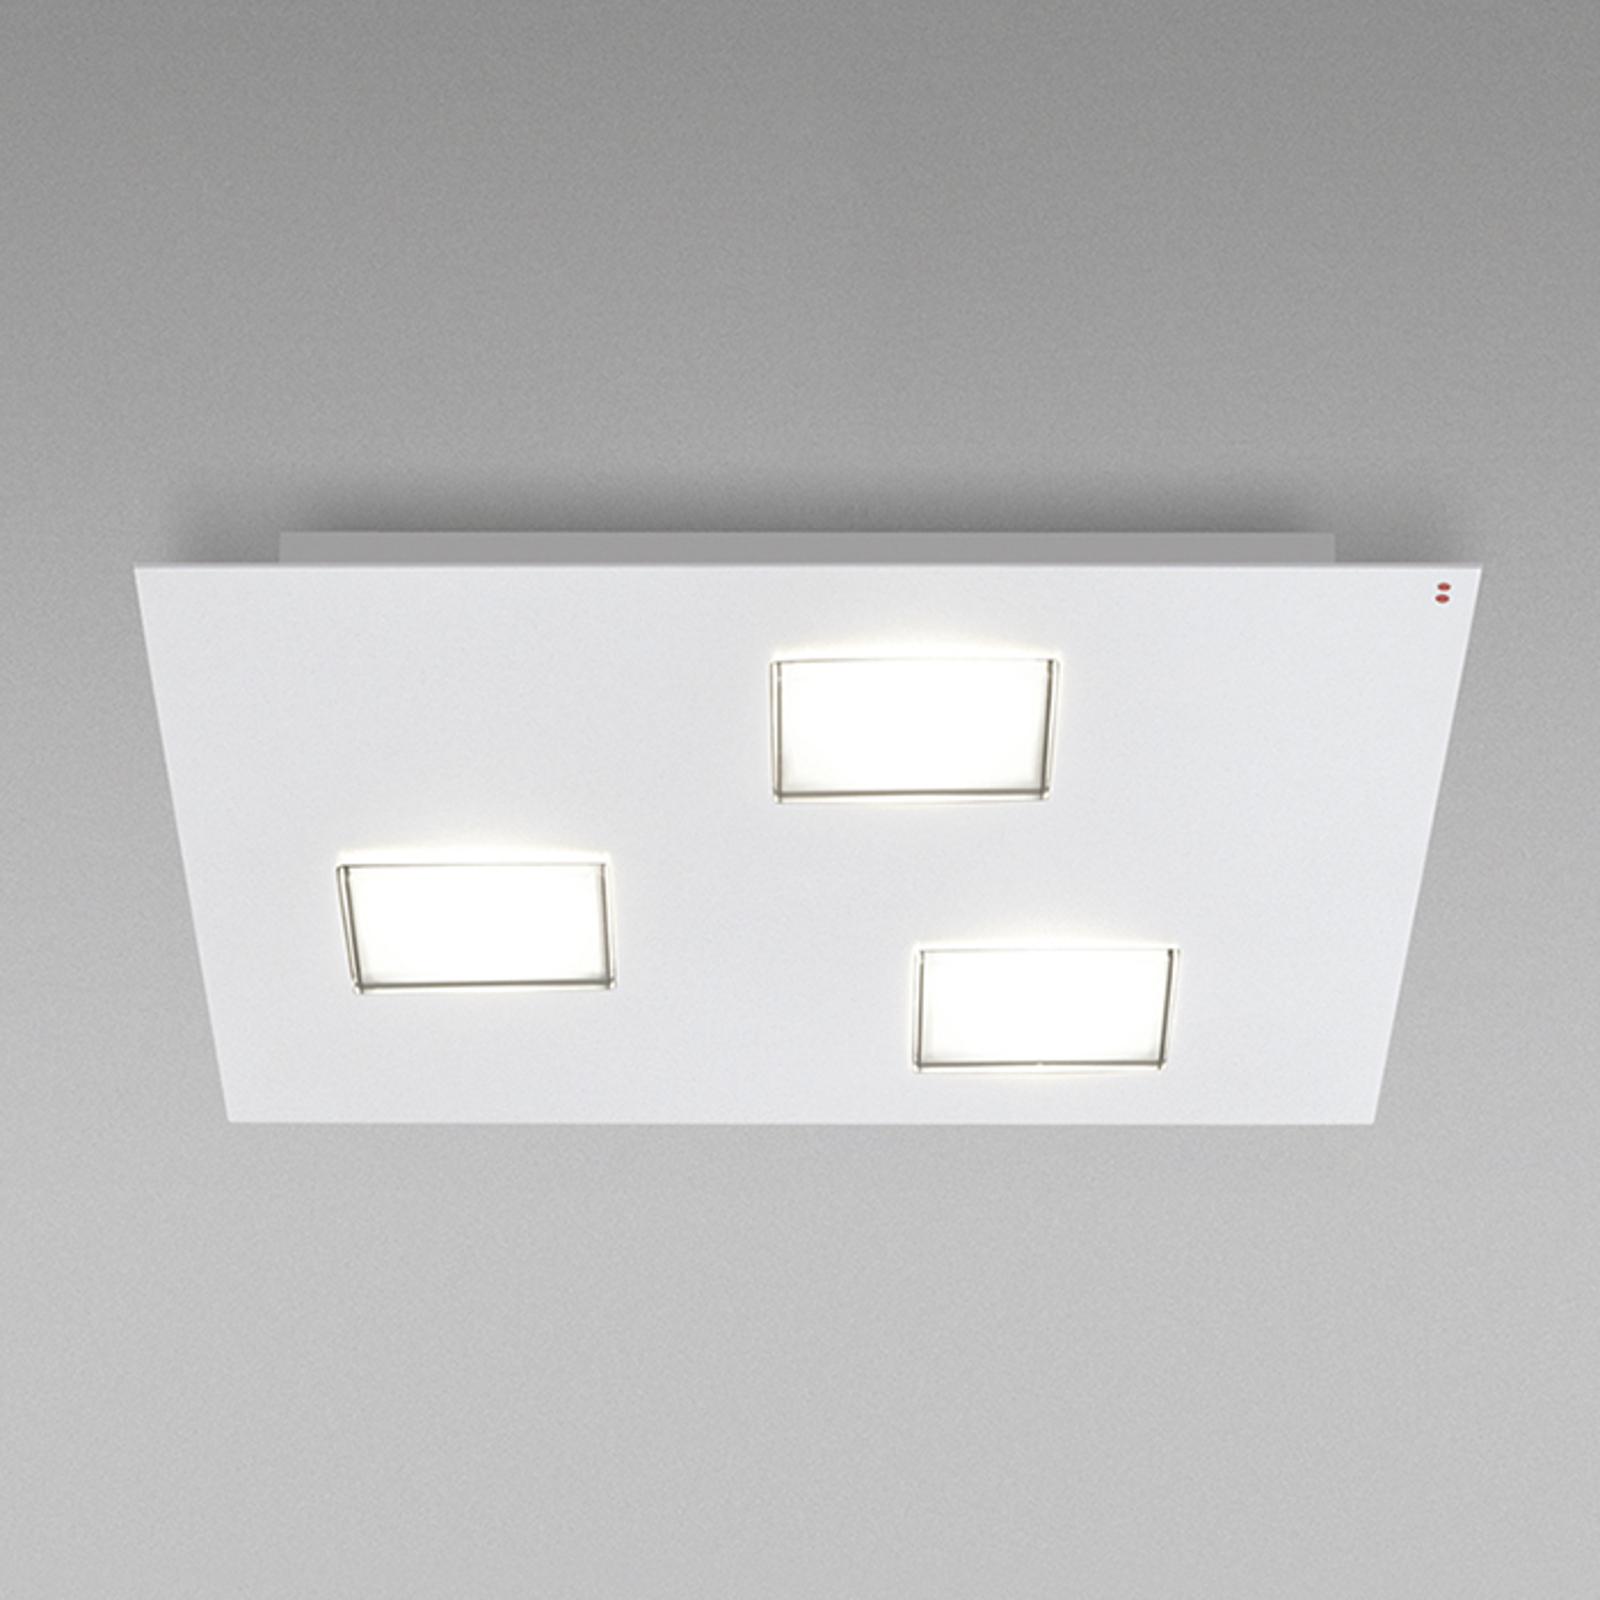 Quarter - LED ceiling light in white with 3 LEDs_3503237_1